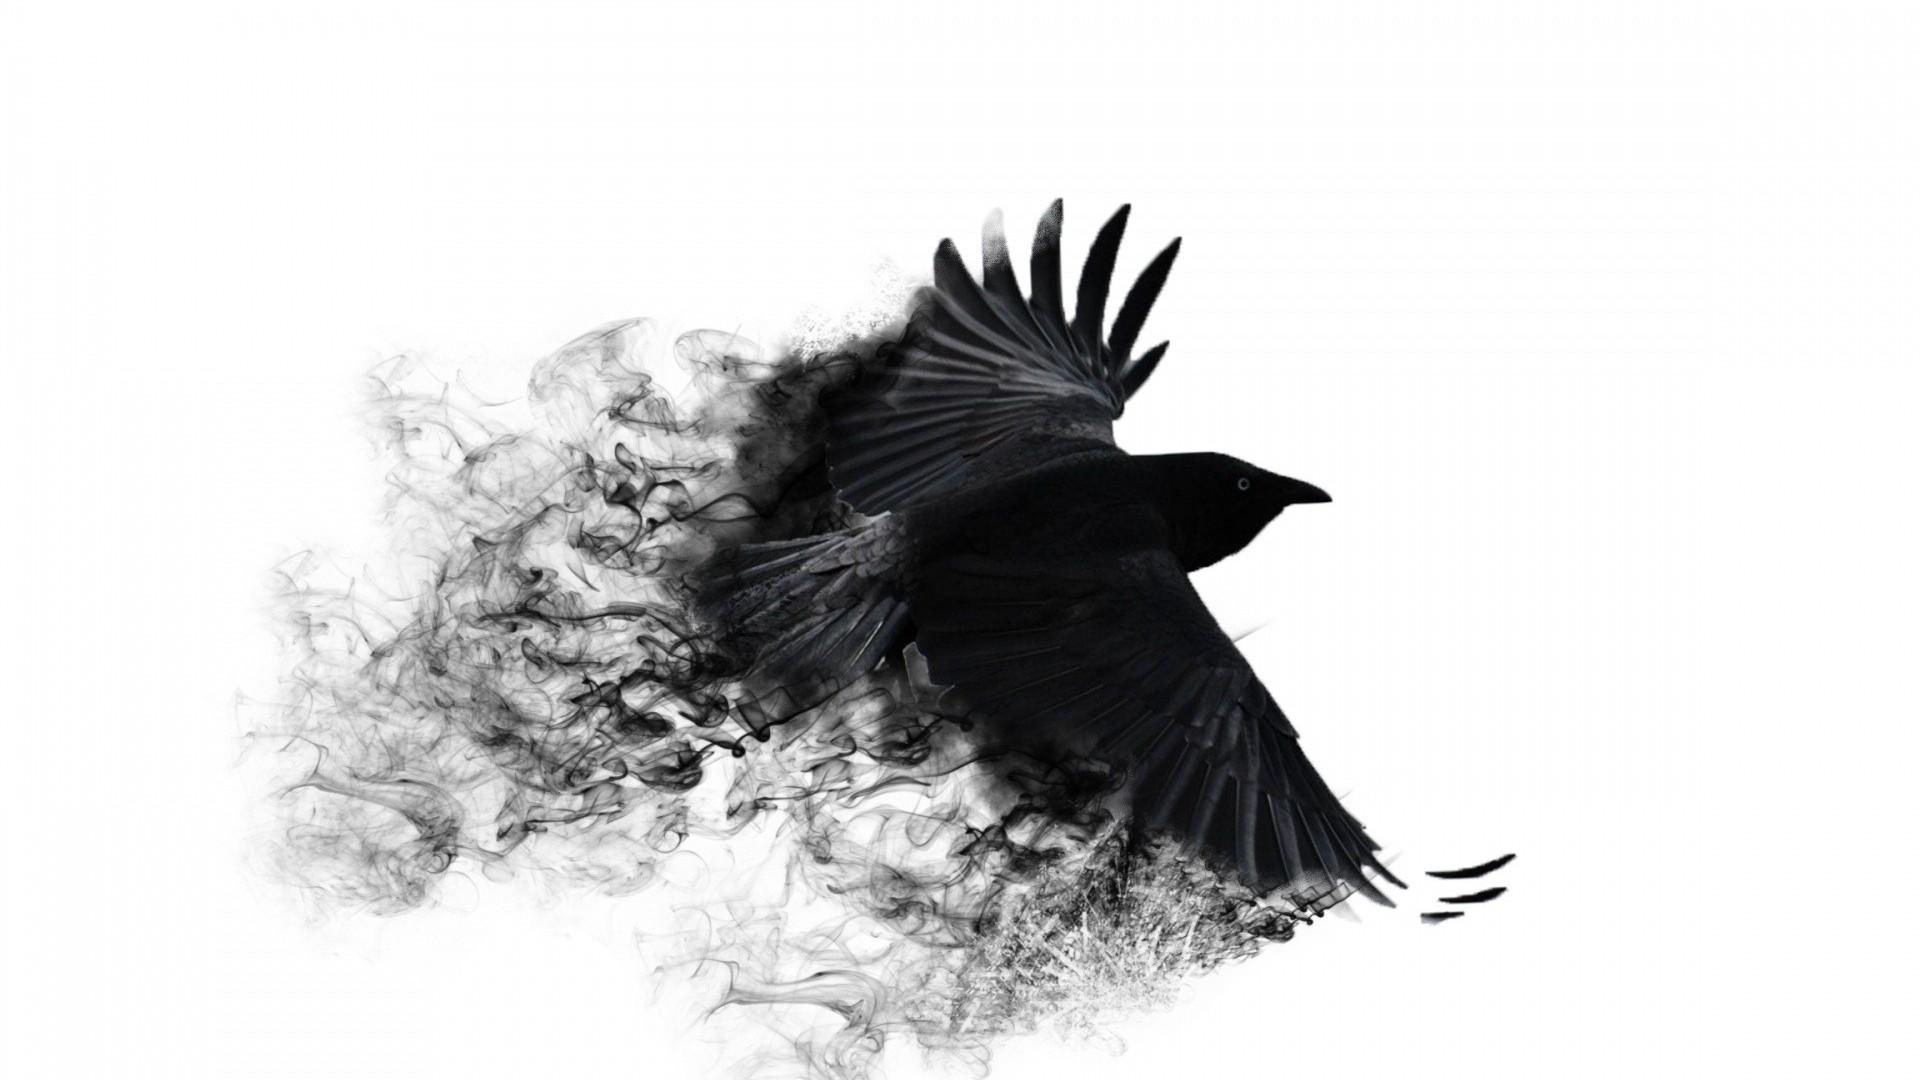 Wallpaper 3D crow bird abstract